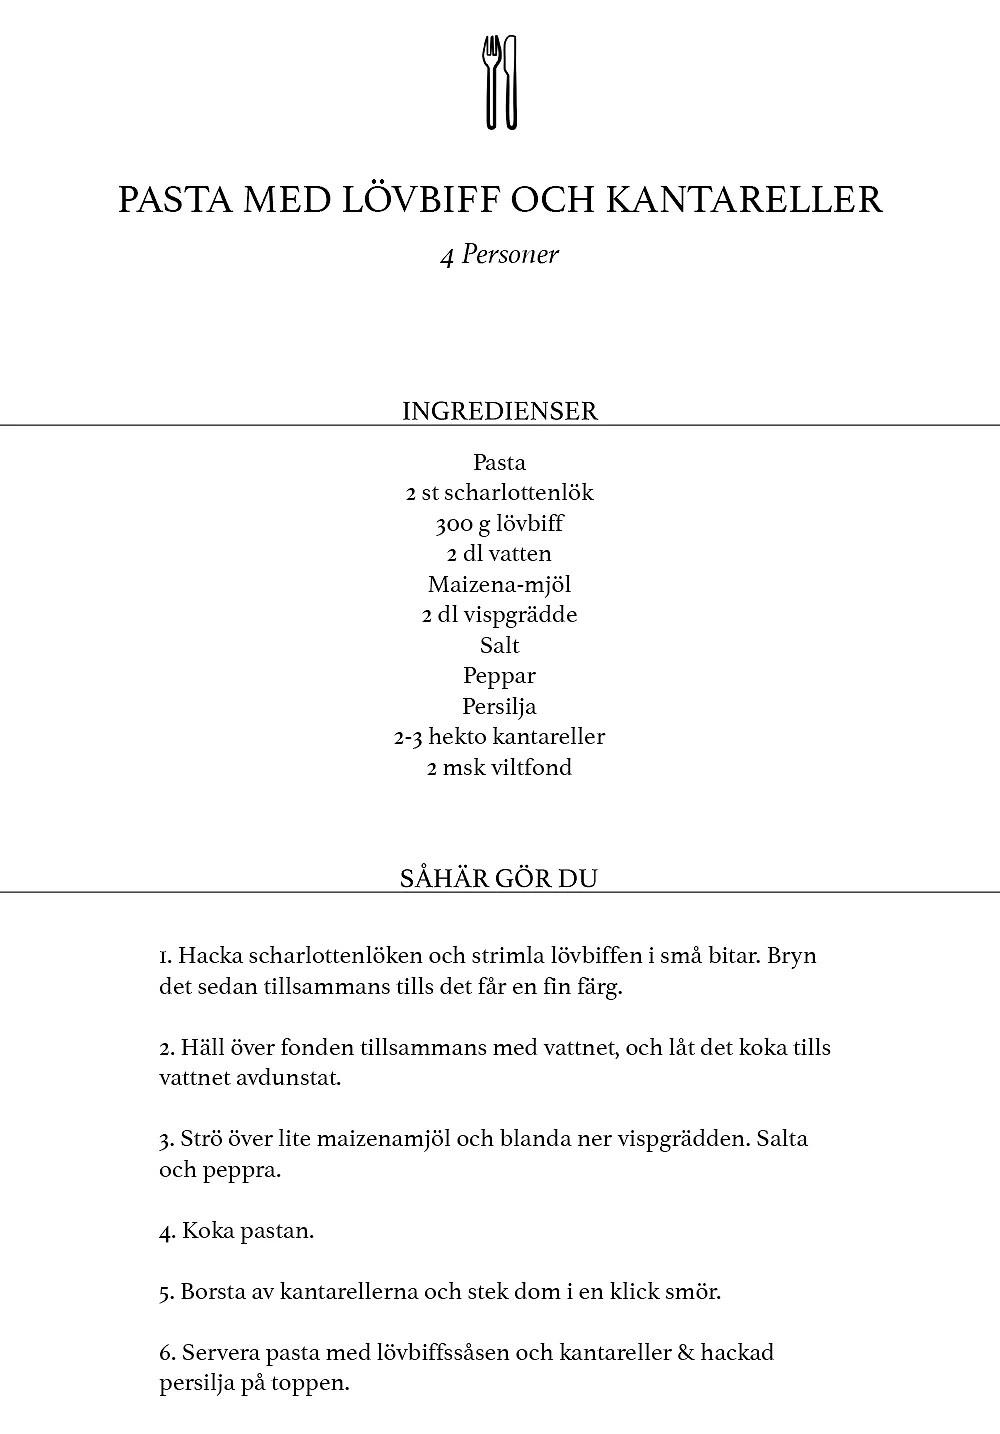 pasta-med-lövbiff-och-kantareller